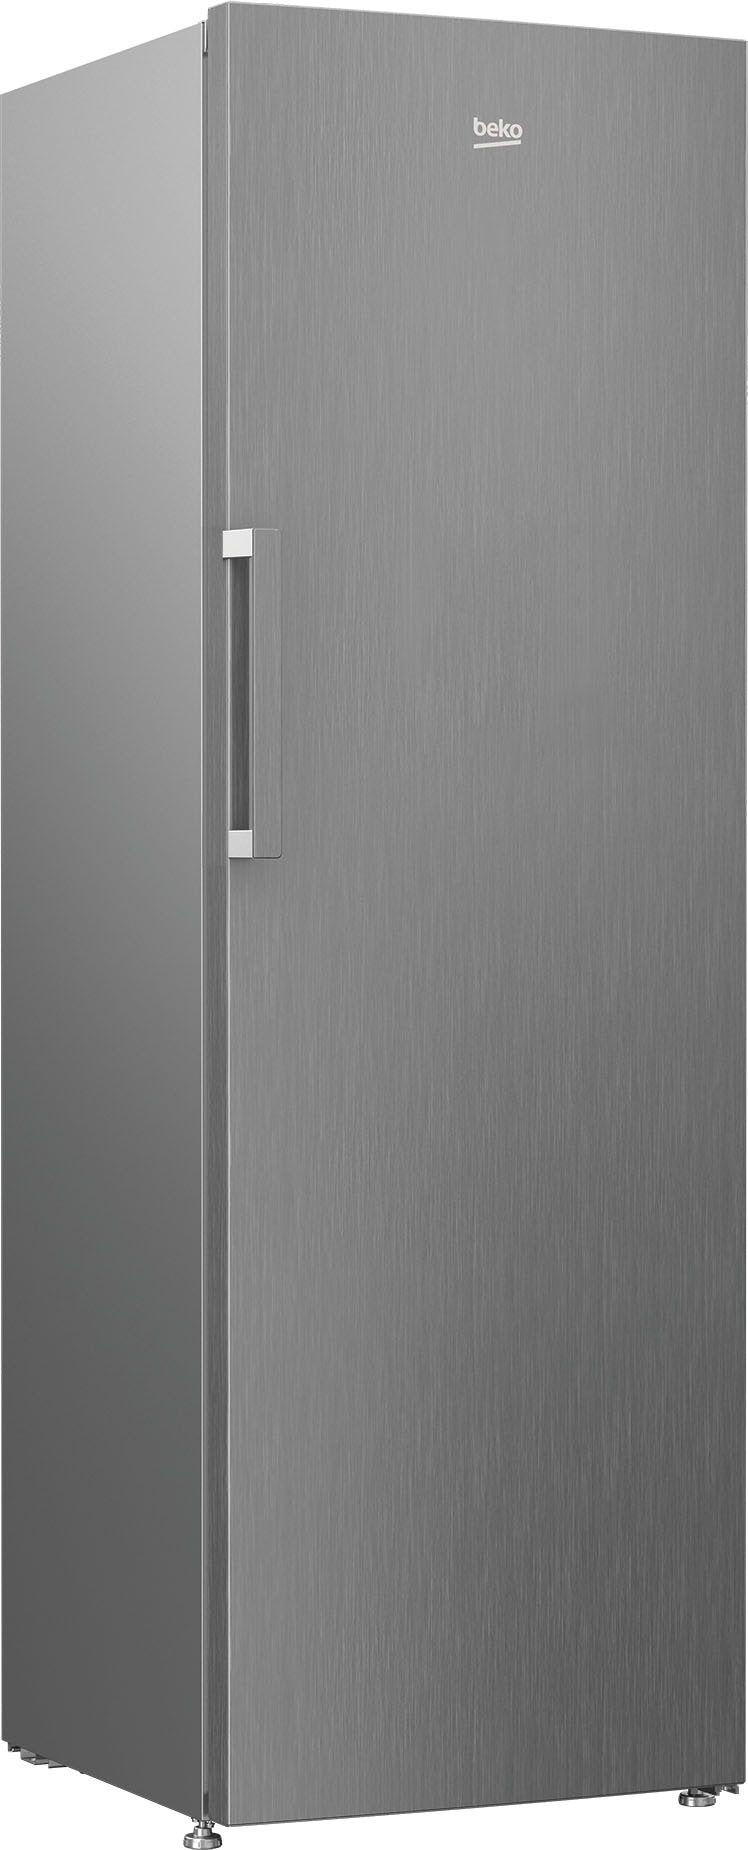 BEKO Kühlschrank RSNE415T34XPN